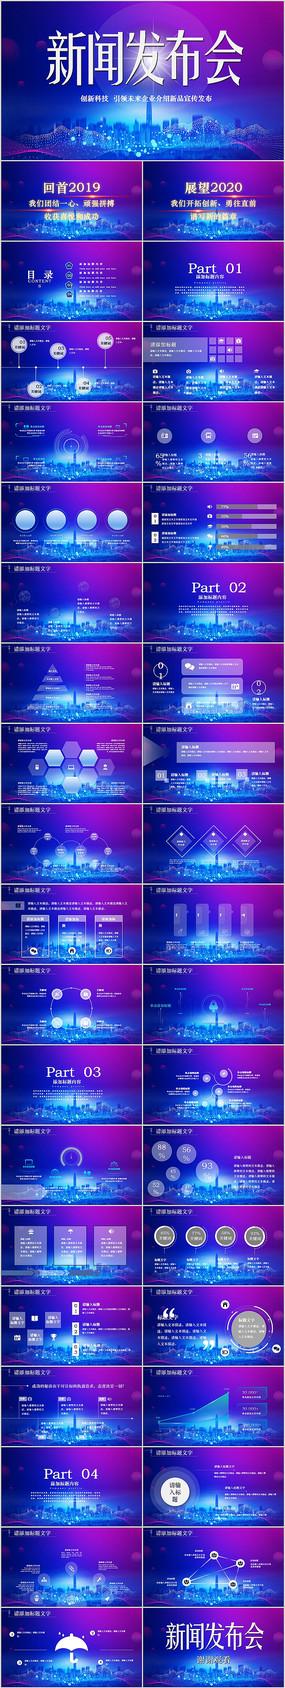 蓝色科技感公司企业新闻新品发布会PPT